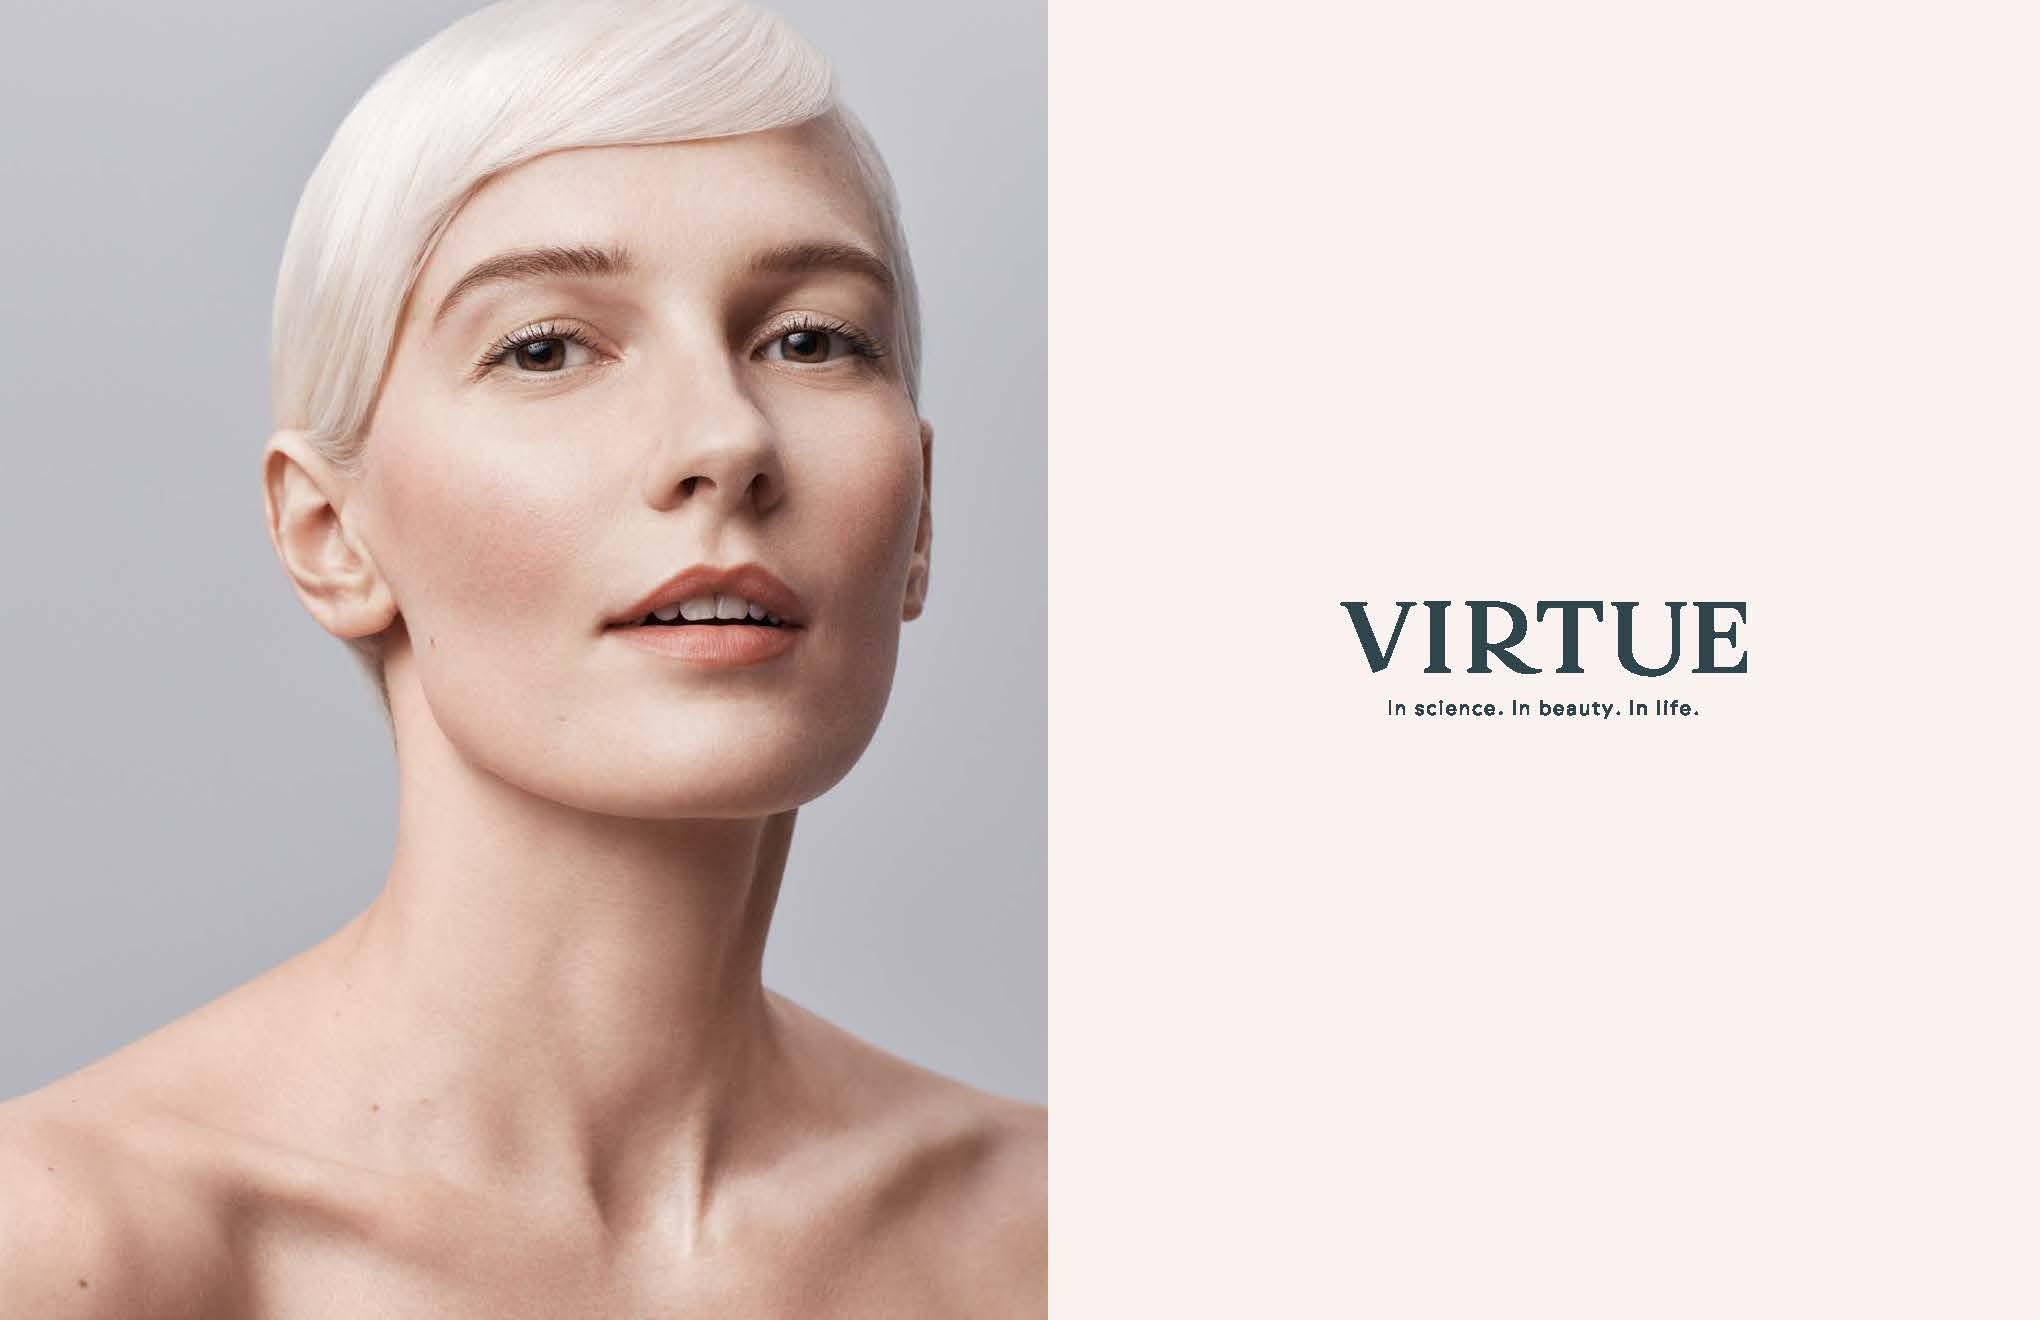 VIR_Brand_Book_120916-v2-LR_Page_01.jpg